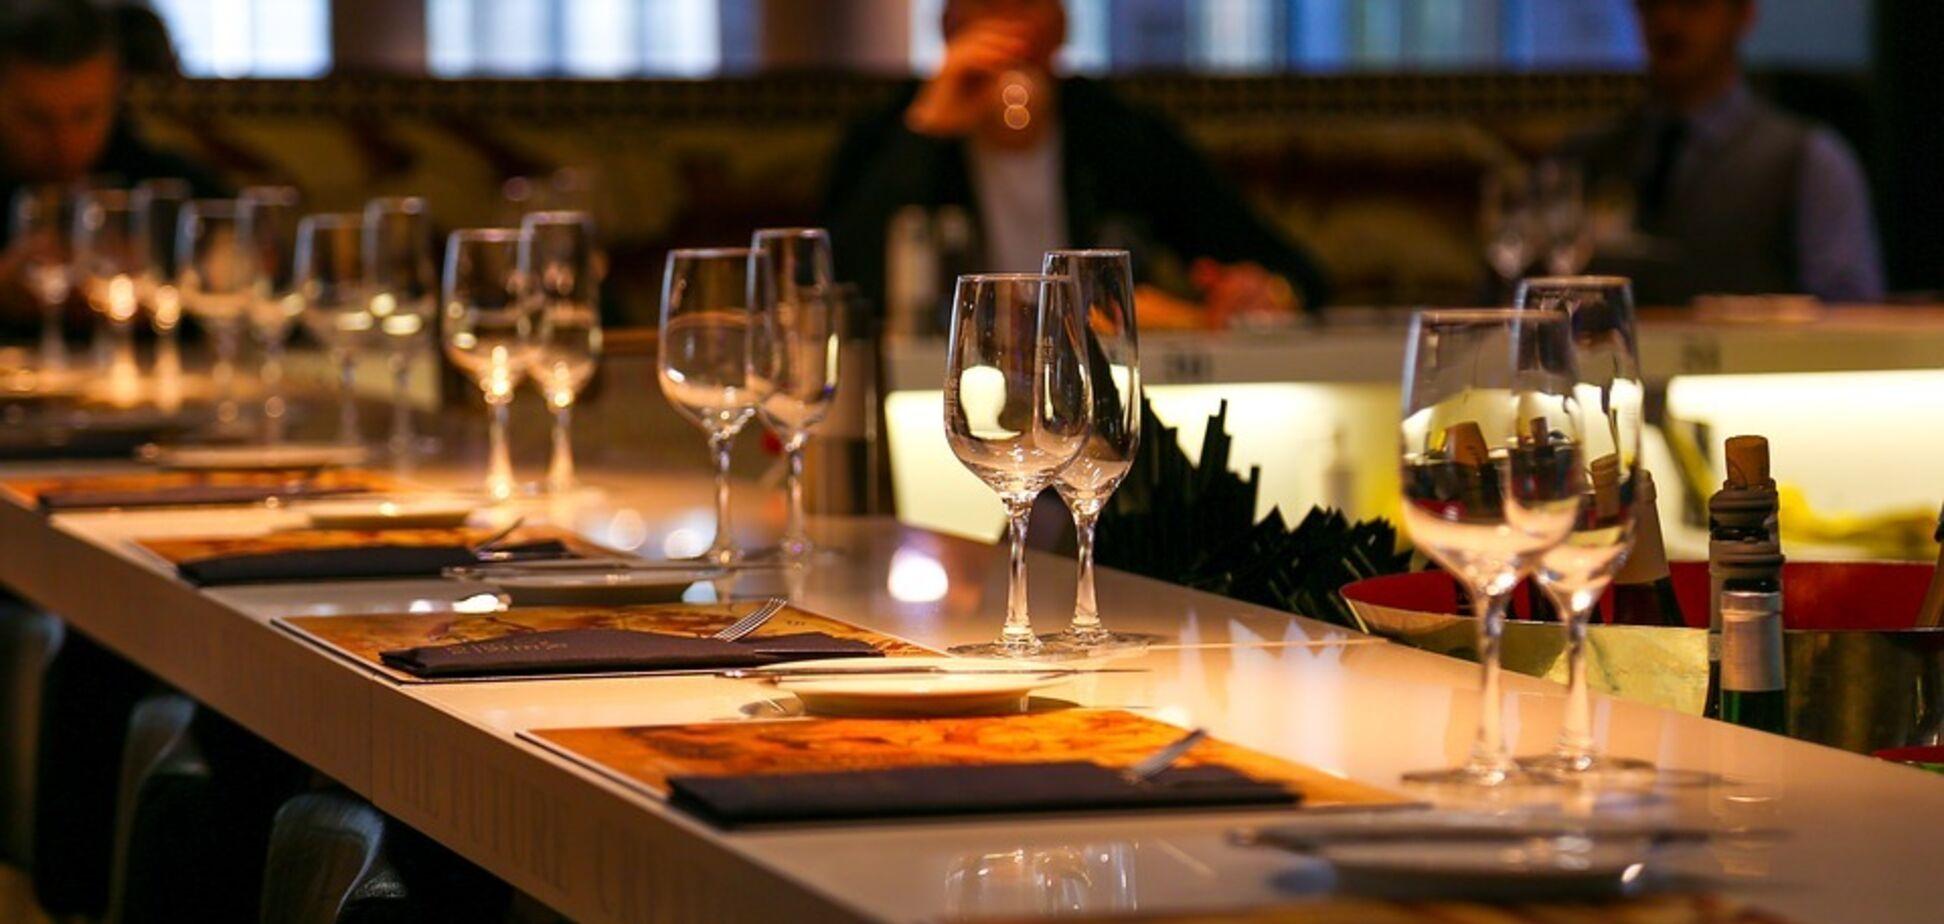 Як не отруїтися в ресторані: адвокат дала пораду